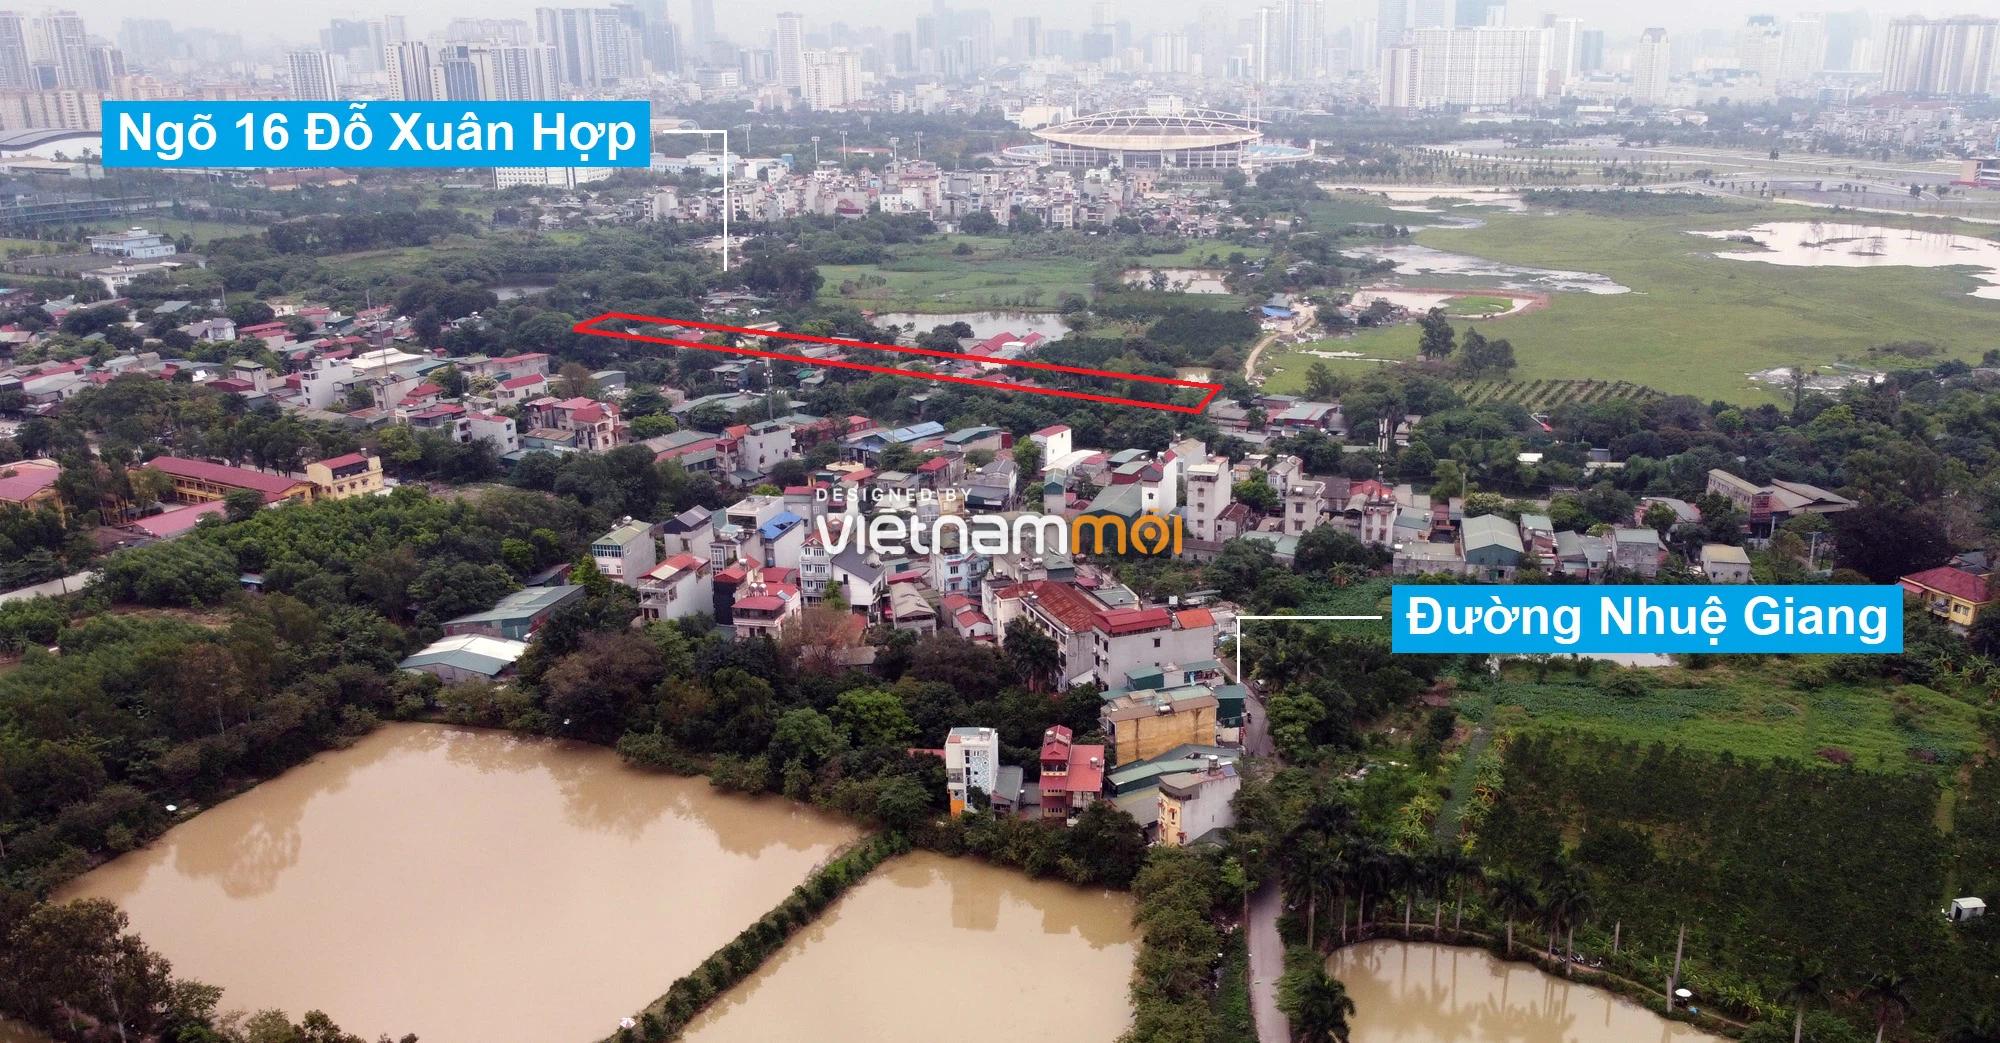 Những khu đất sắp thu hồi để mở đường ở phường Mỹ Đình 1, Nam Từ Liêm, Hà Nội (phần 1) - Ảnh 11.